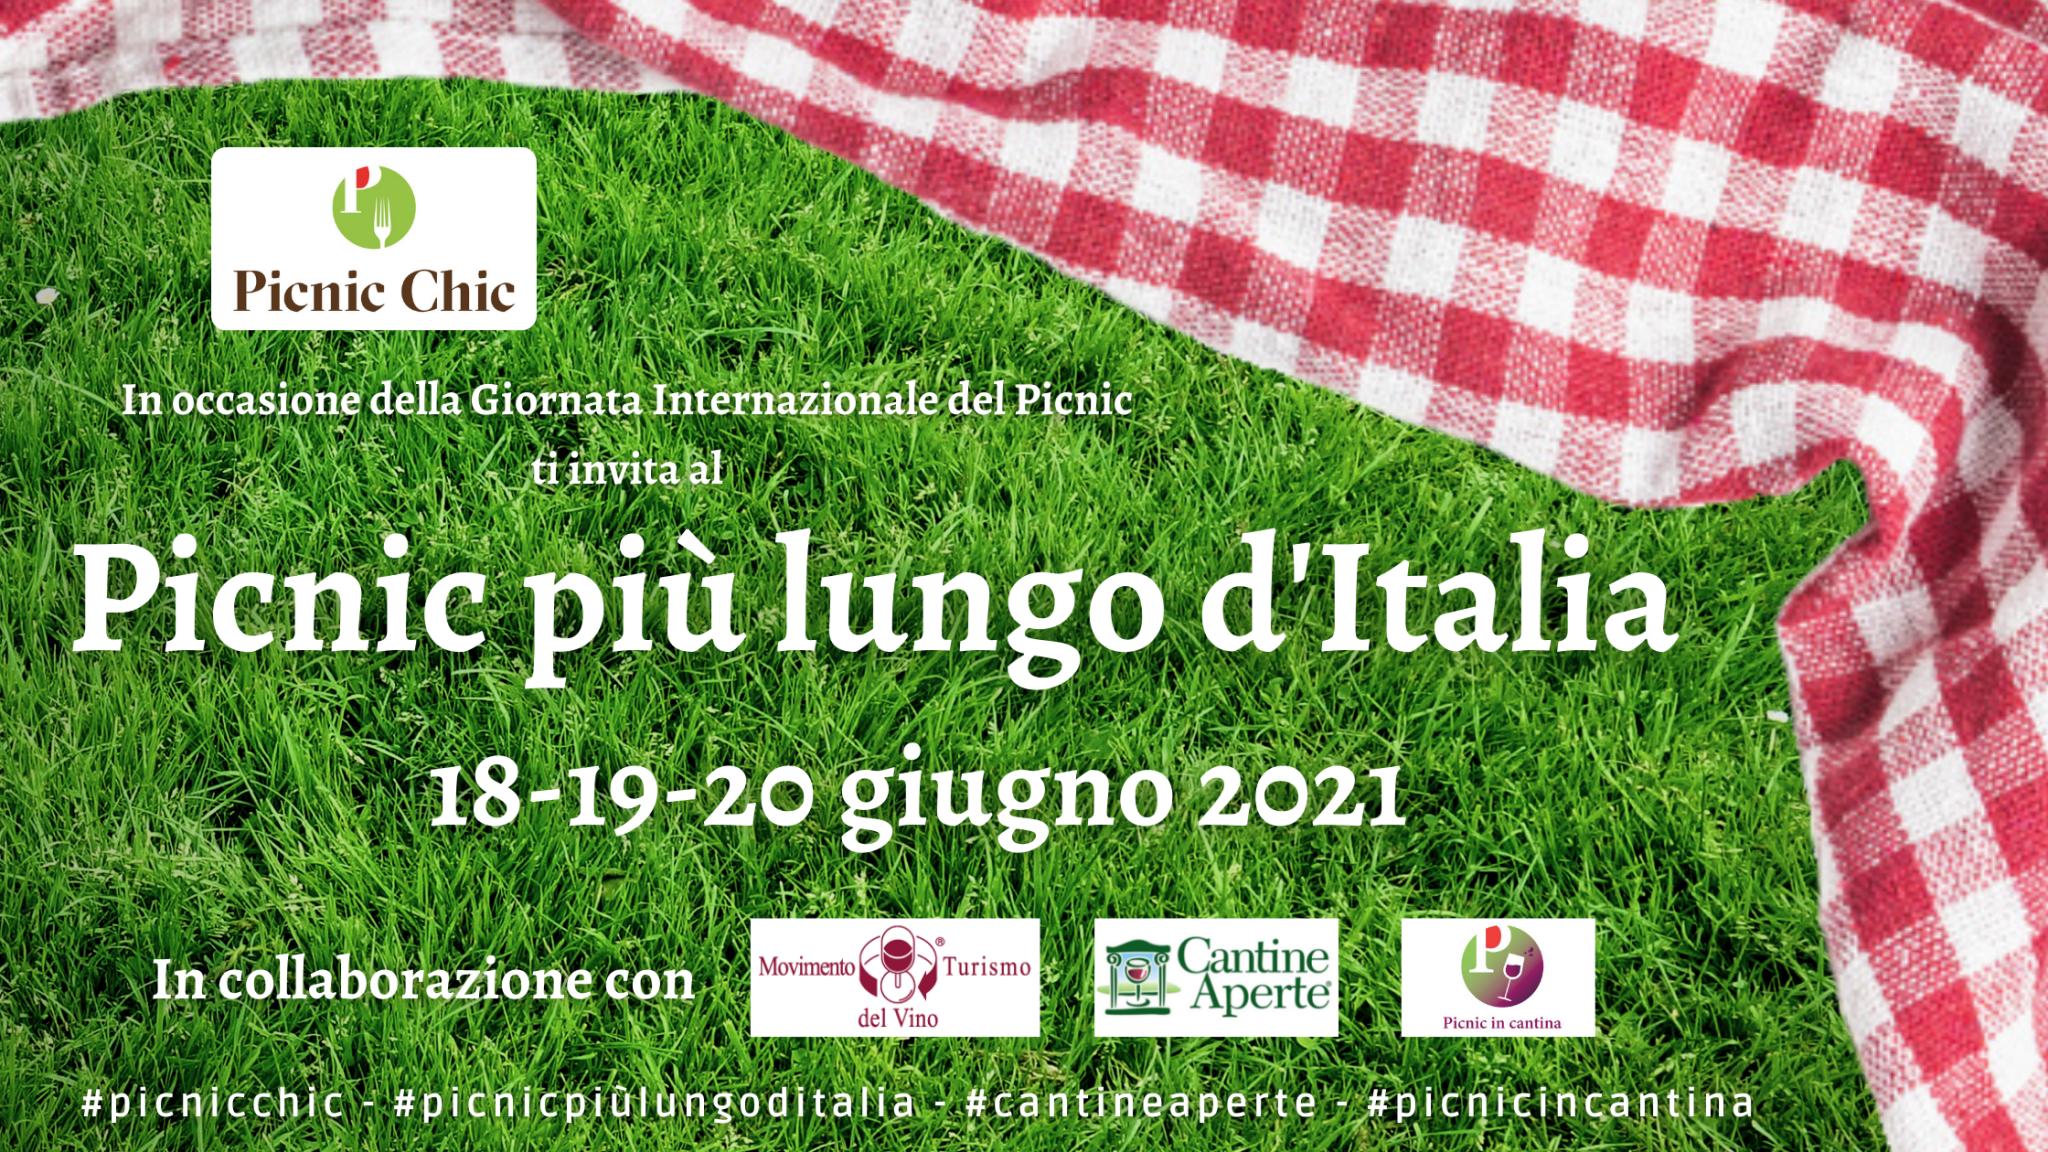 Picnic più lungo d'Italia - Picnic Chic